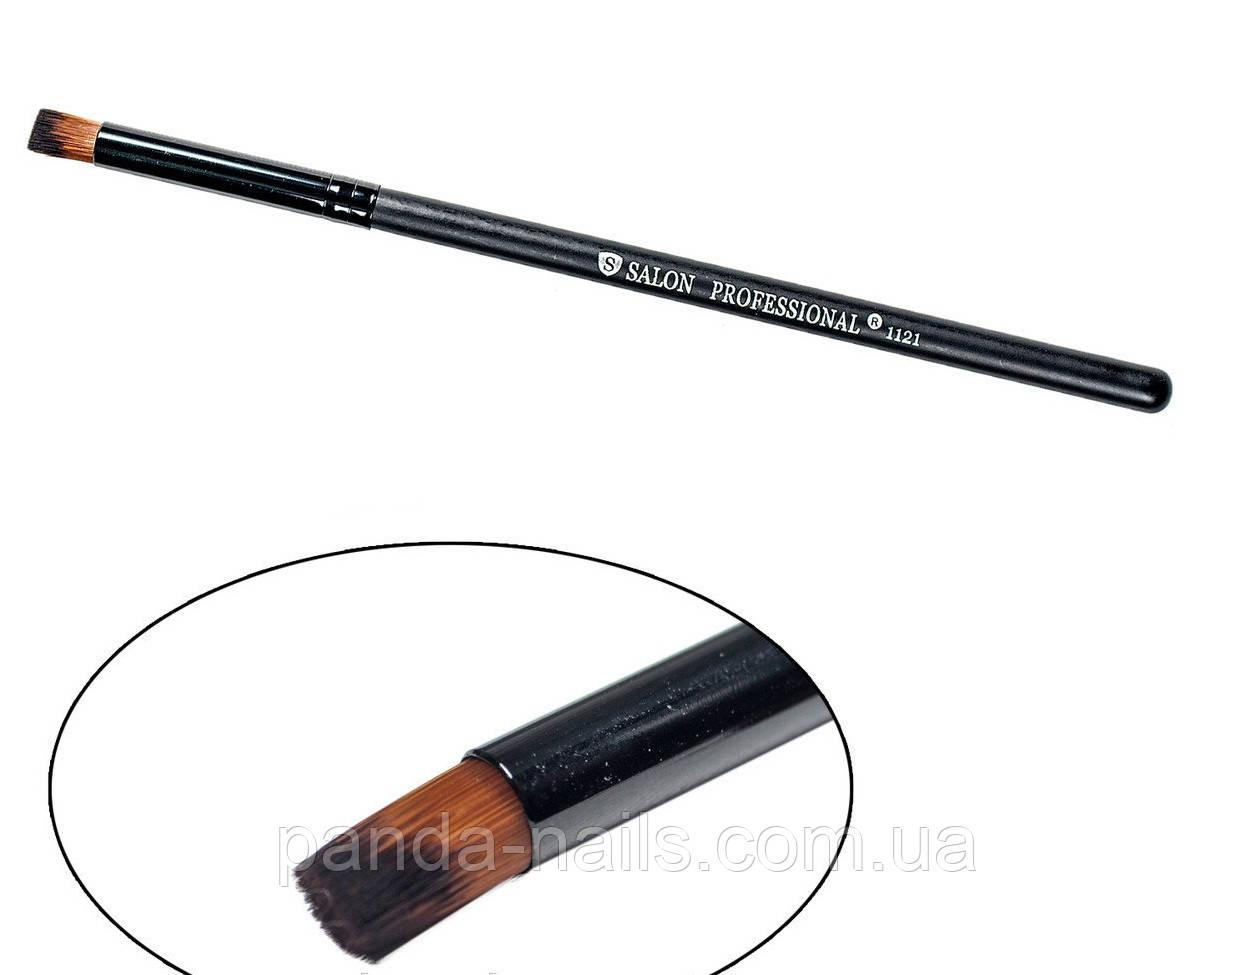 Кисть для теней Salon Professional 1121